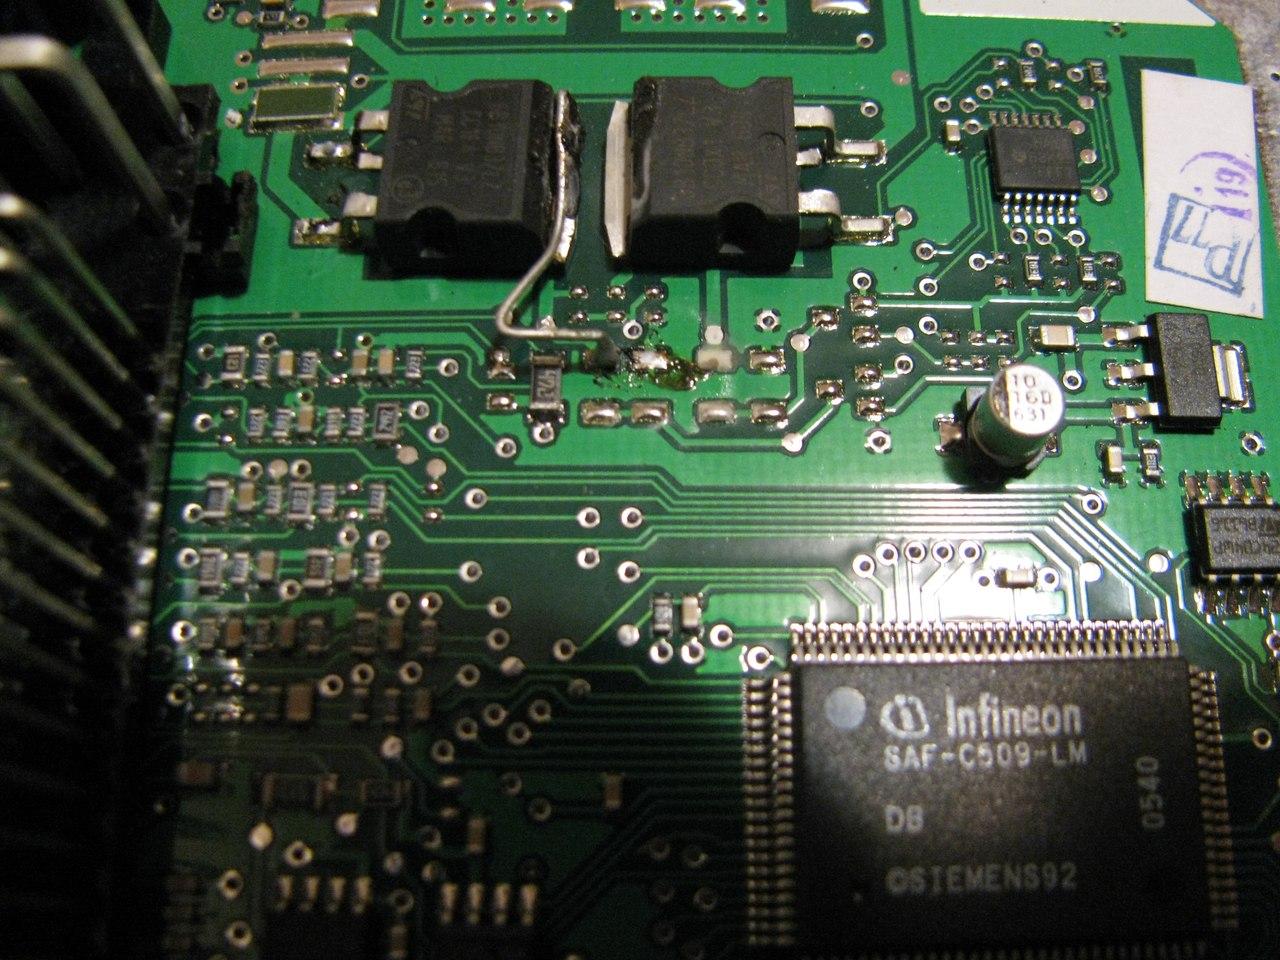 транзистор управления катушкой зажигания маркировка январь 7.2